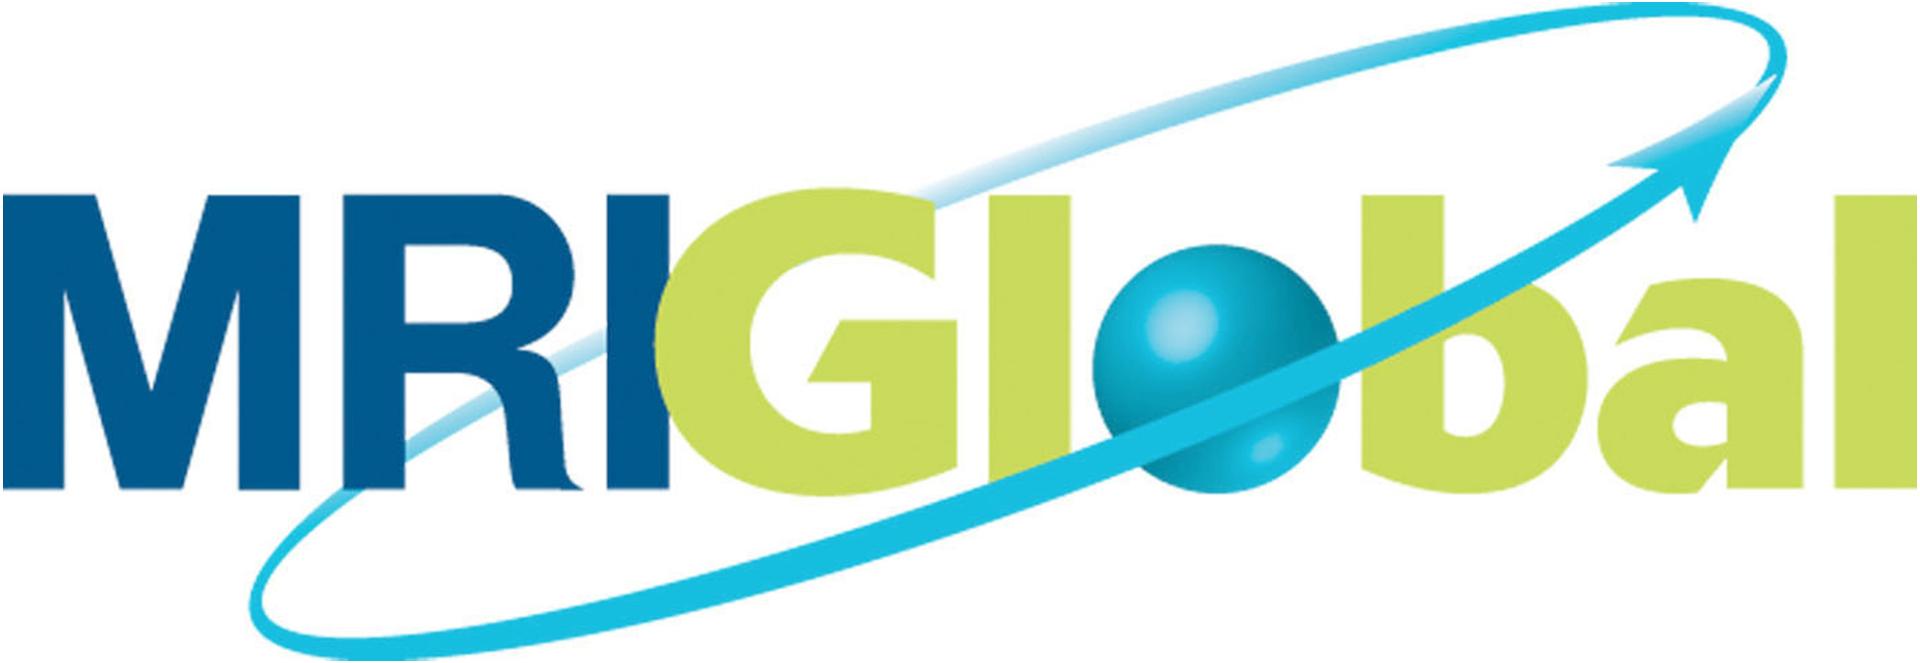 MRI Global